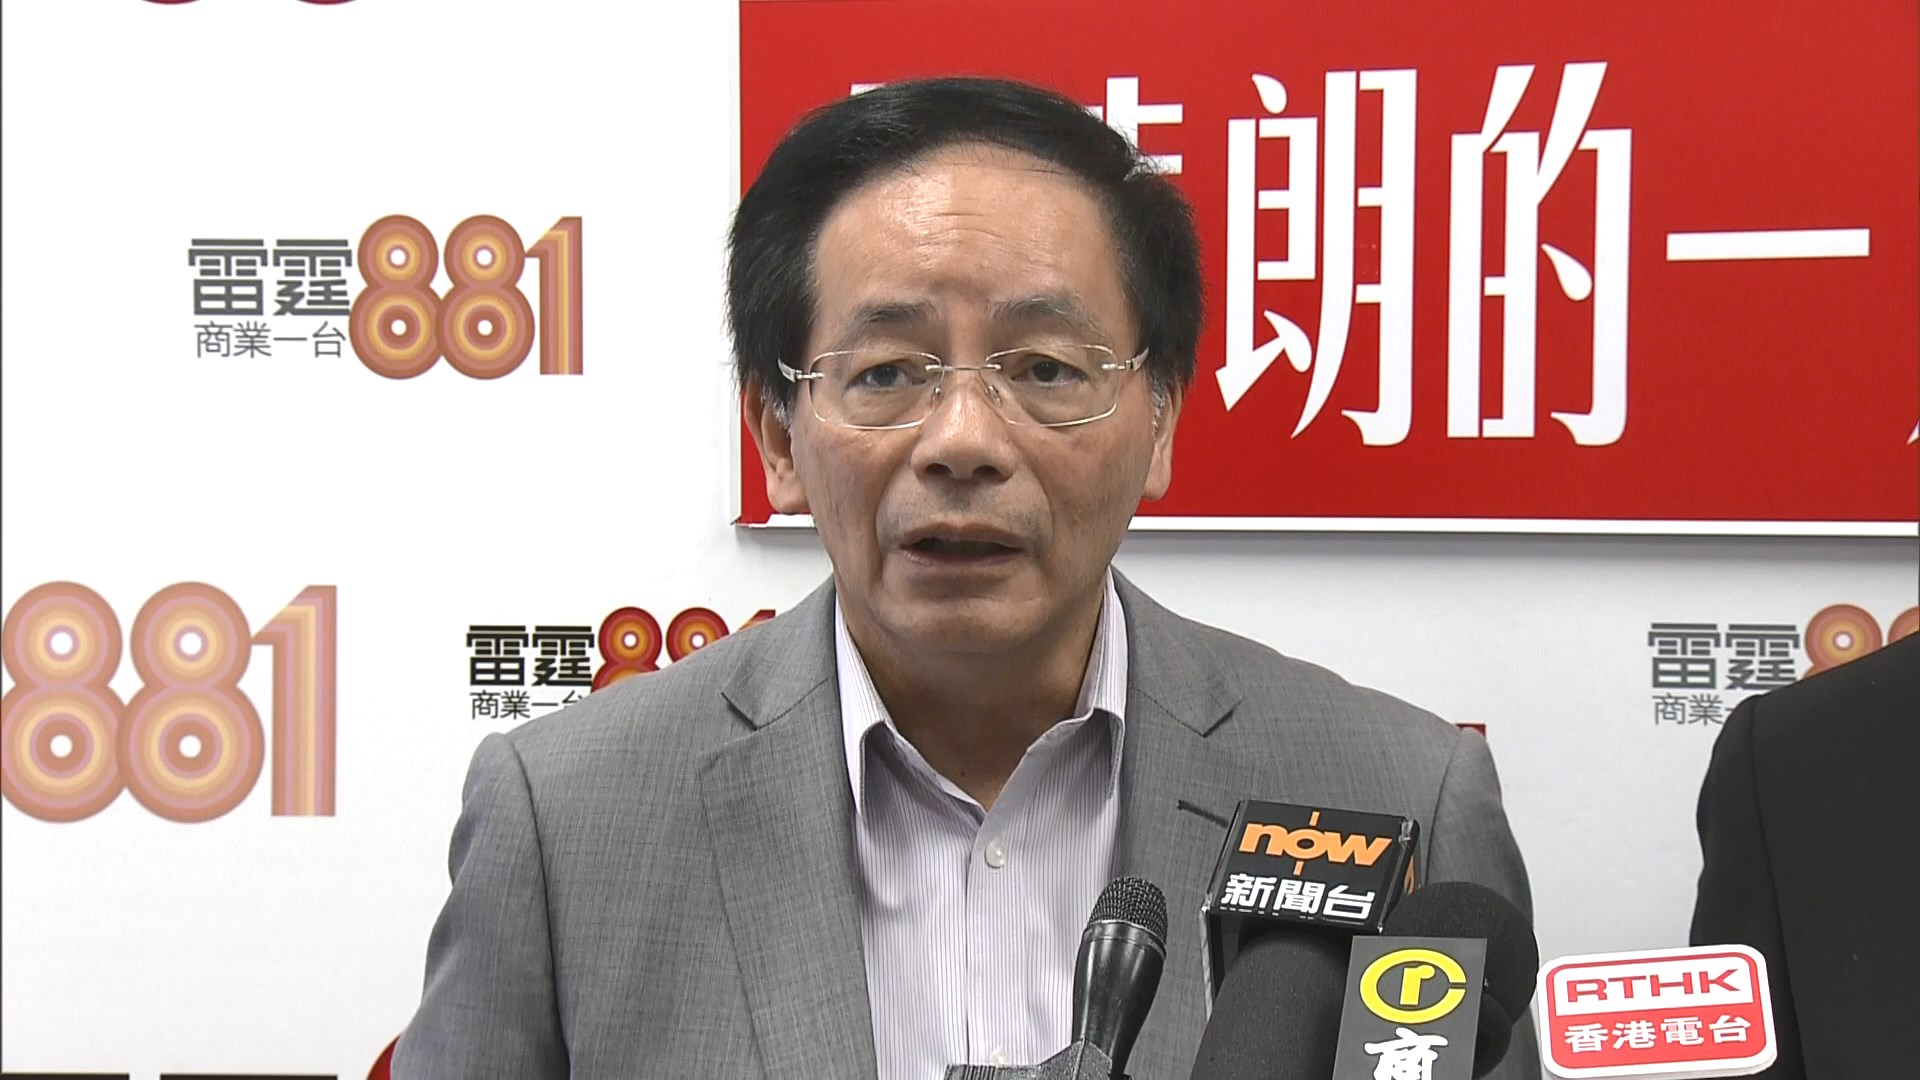 葉國謙:行會駁回民族黨上訴是保護國家